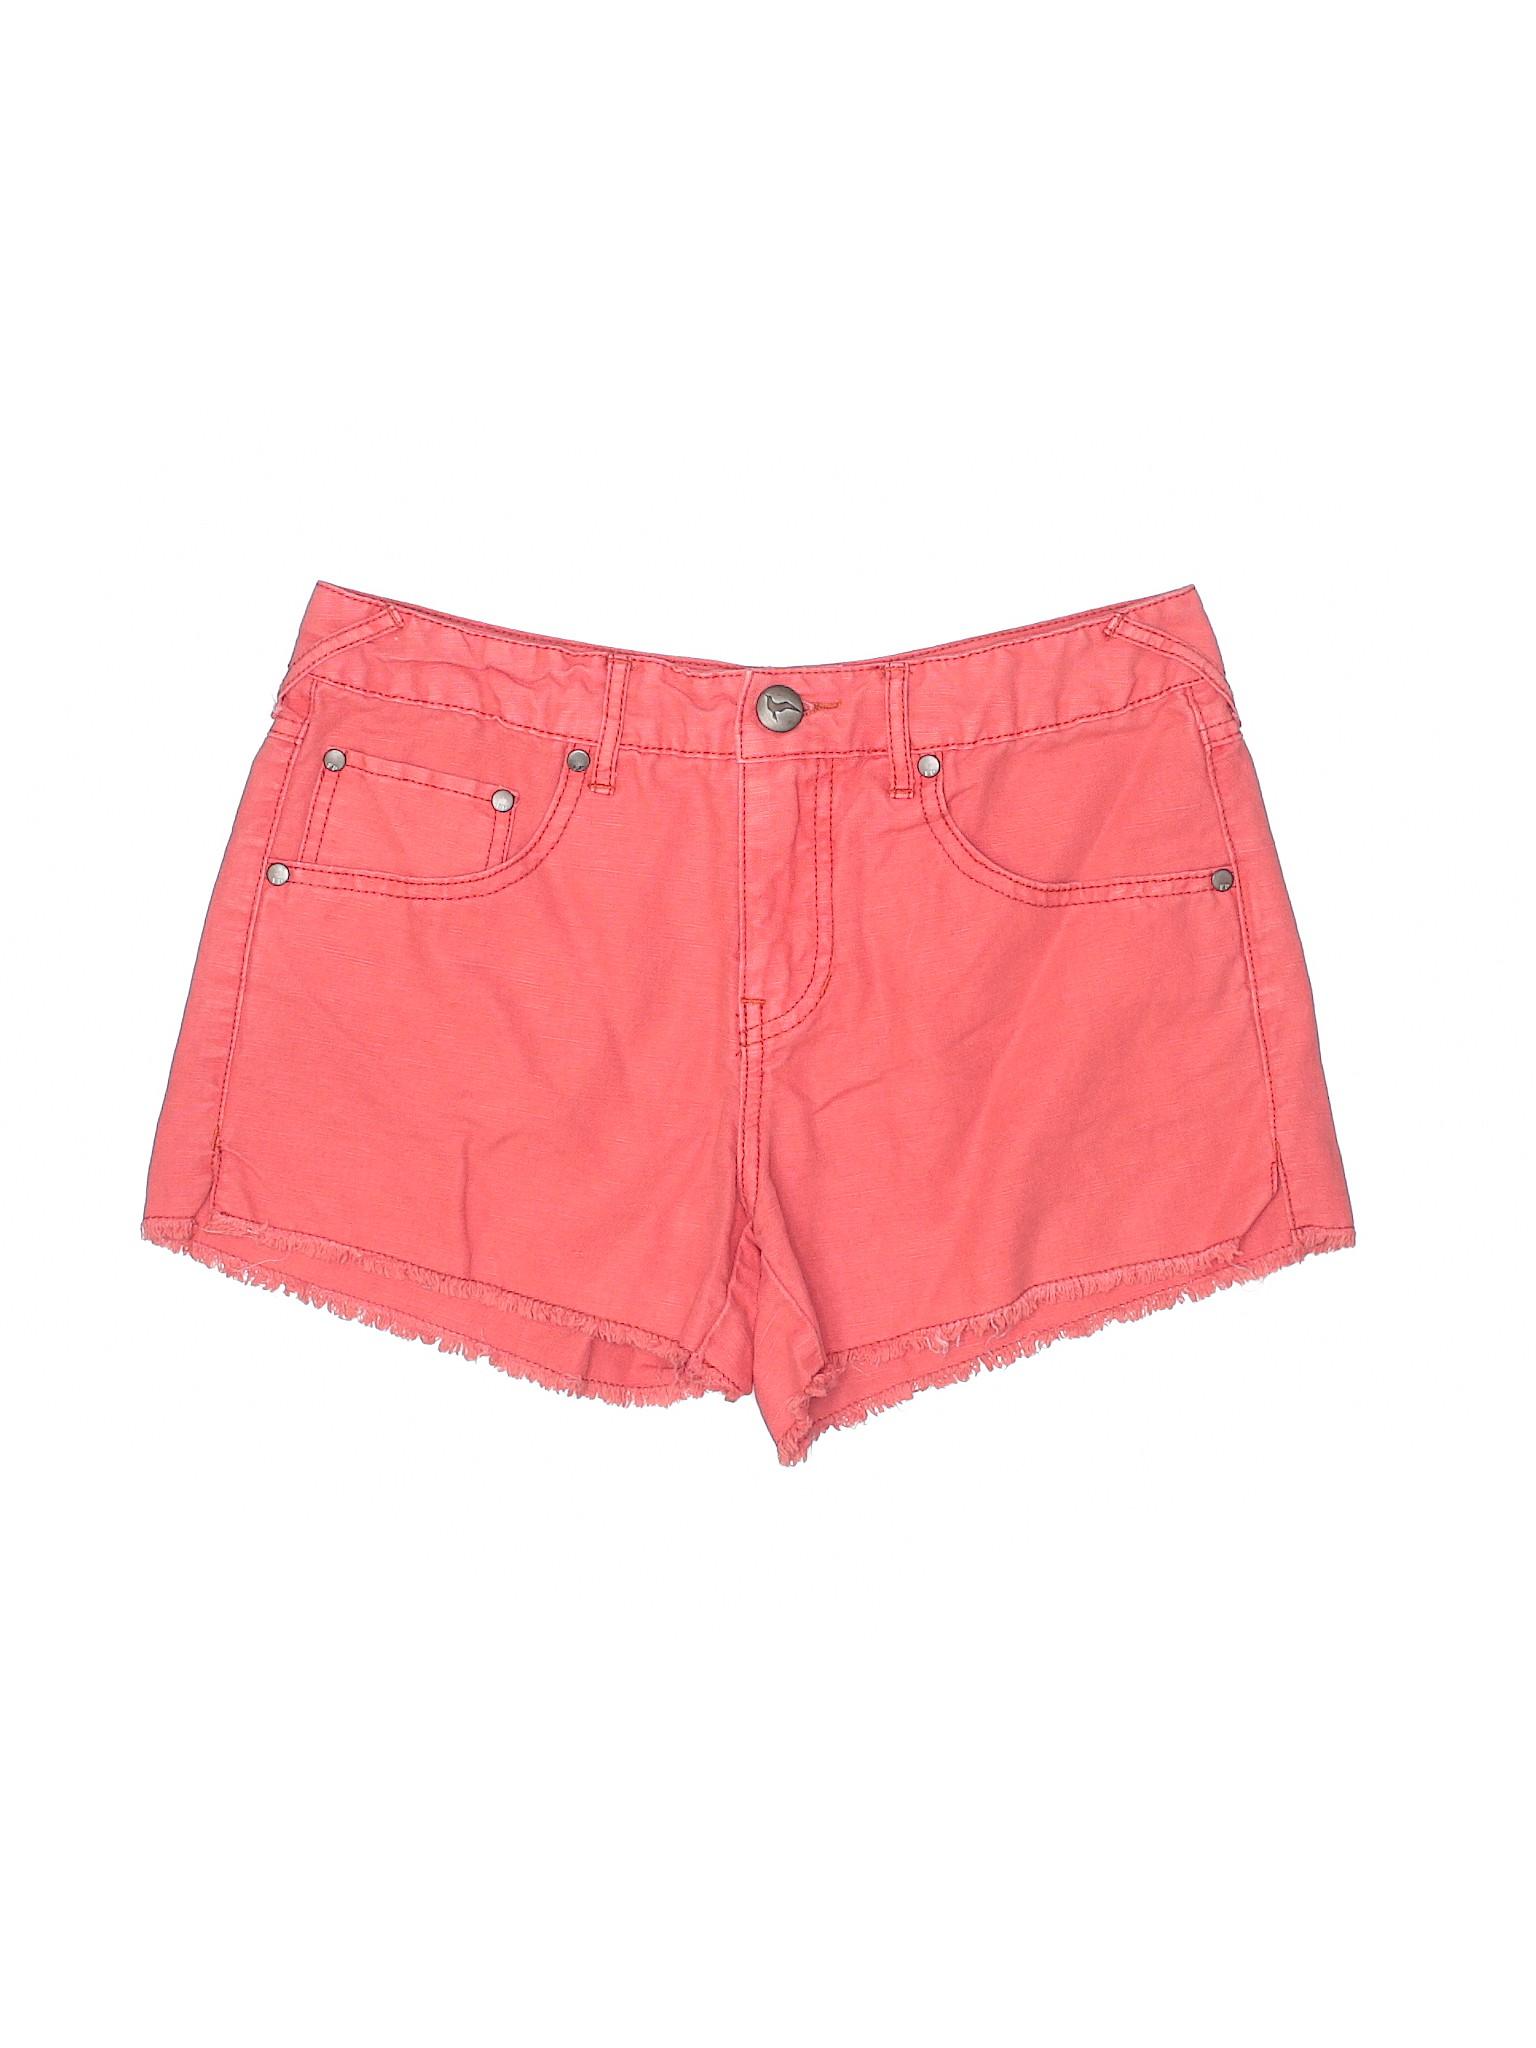 Denim Denim Free People Shorts Boutique Shorts People Boutique Free qzwP0Af